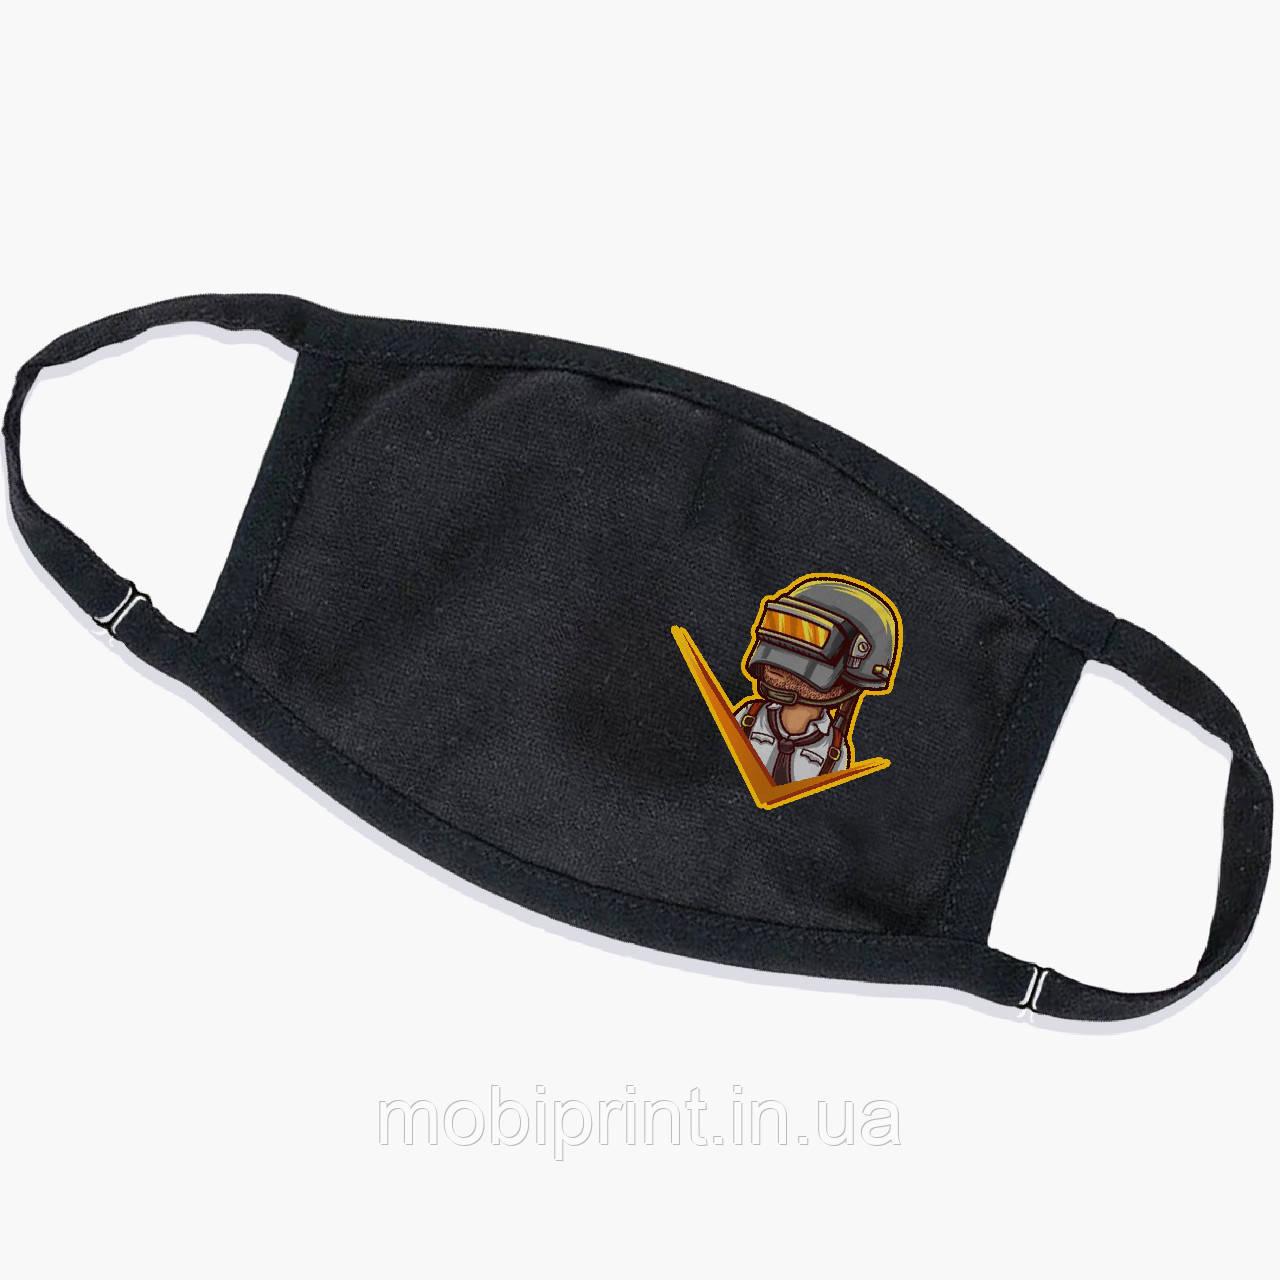 Многоразовая маска Пабг (Pubg) (9259-1187) тканевая для детей и взрослых защитная